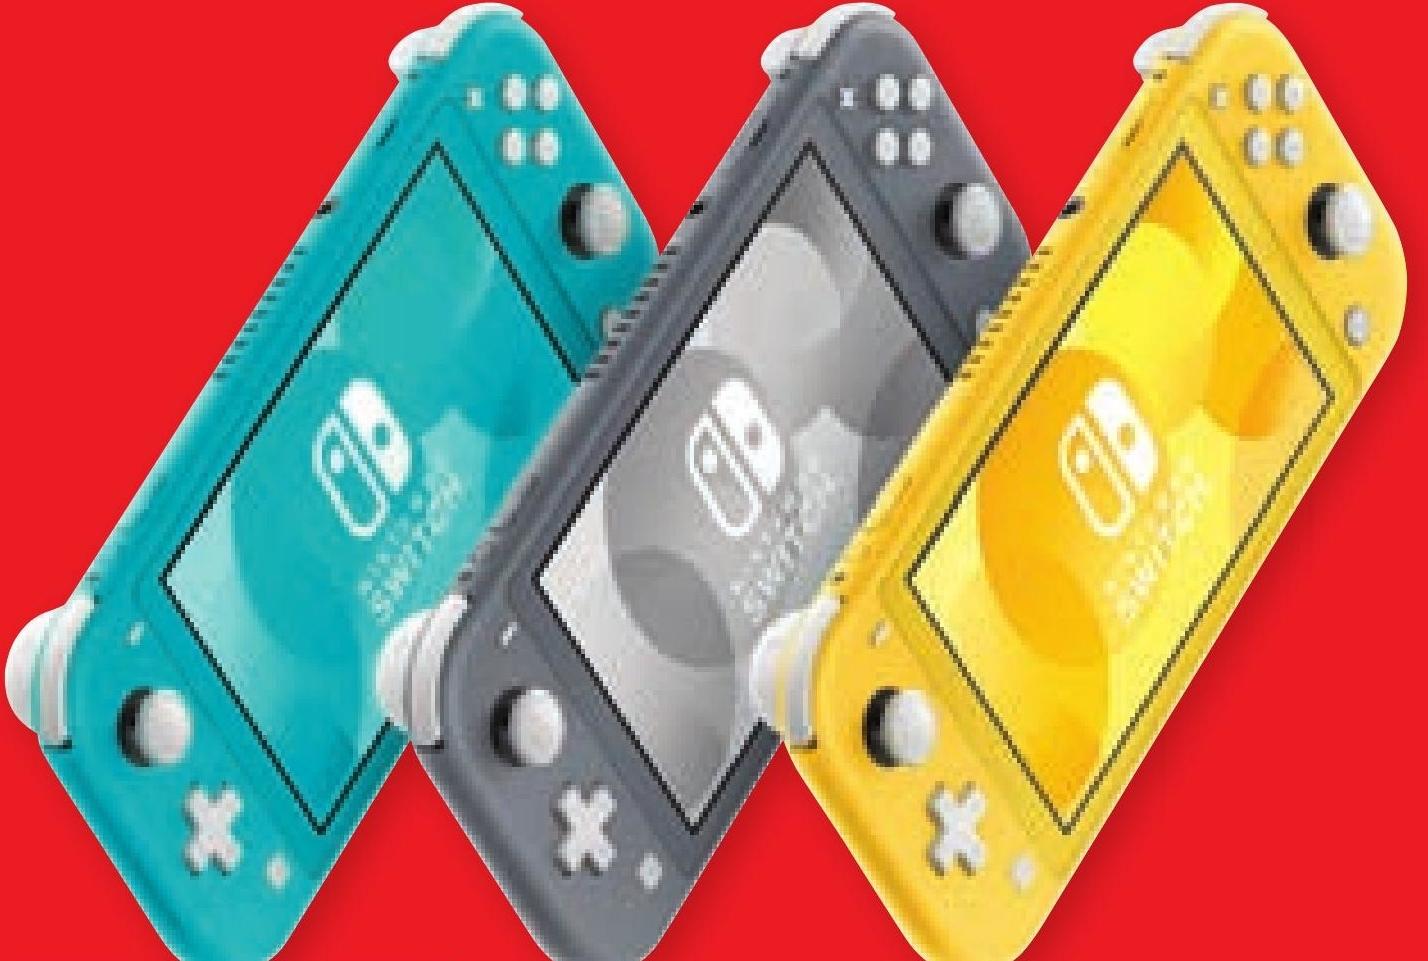 Przenośna konsola do gier Nintendo Switch Lite niska cena